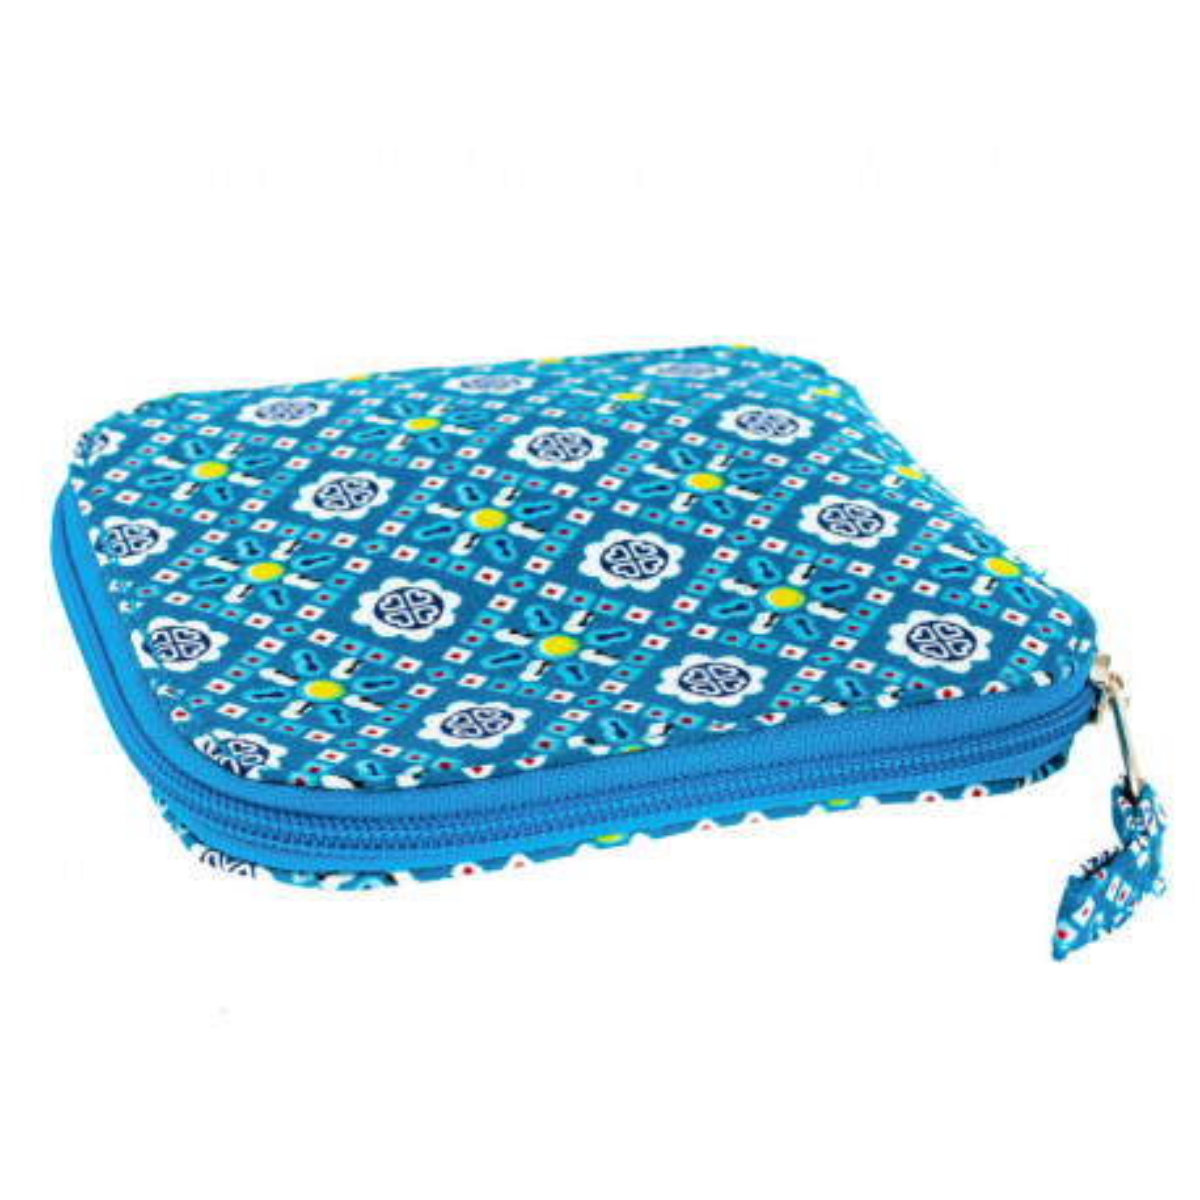 Sac de courses à provisions pliable en coton bleu et motifs originaux